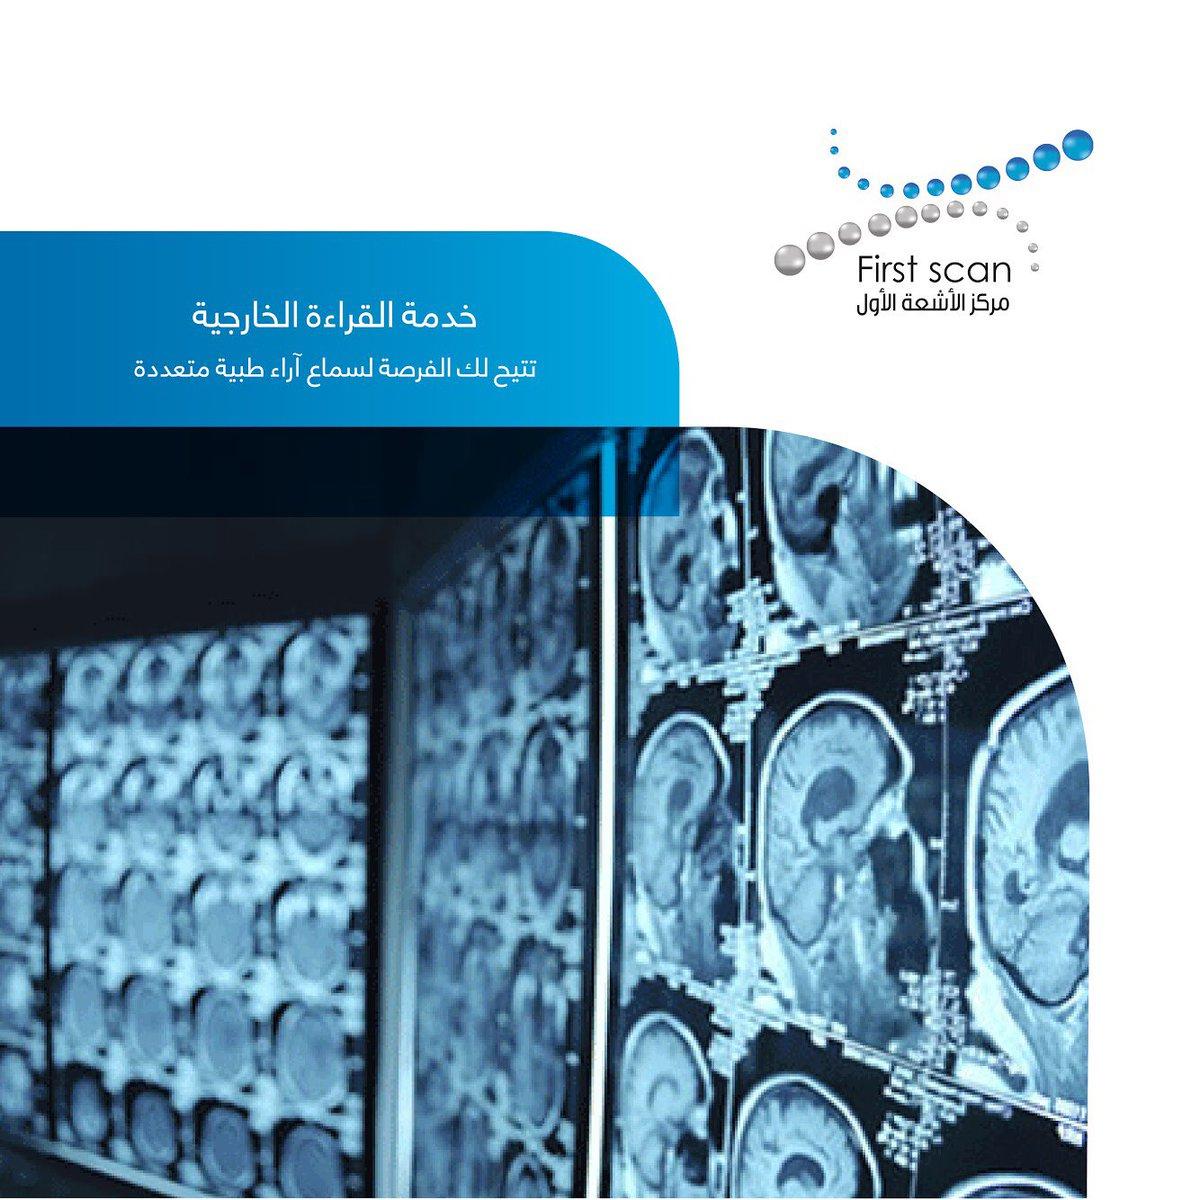 نتيح لكم خدمة قراءة صور الأشعة في عيادات خارجية   #radiology #jeddah #health https://t.co/CXZOMiGE1l